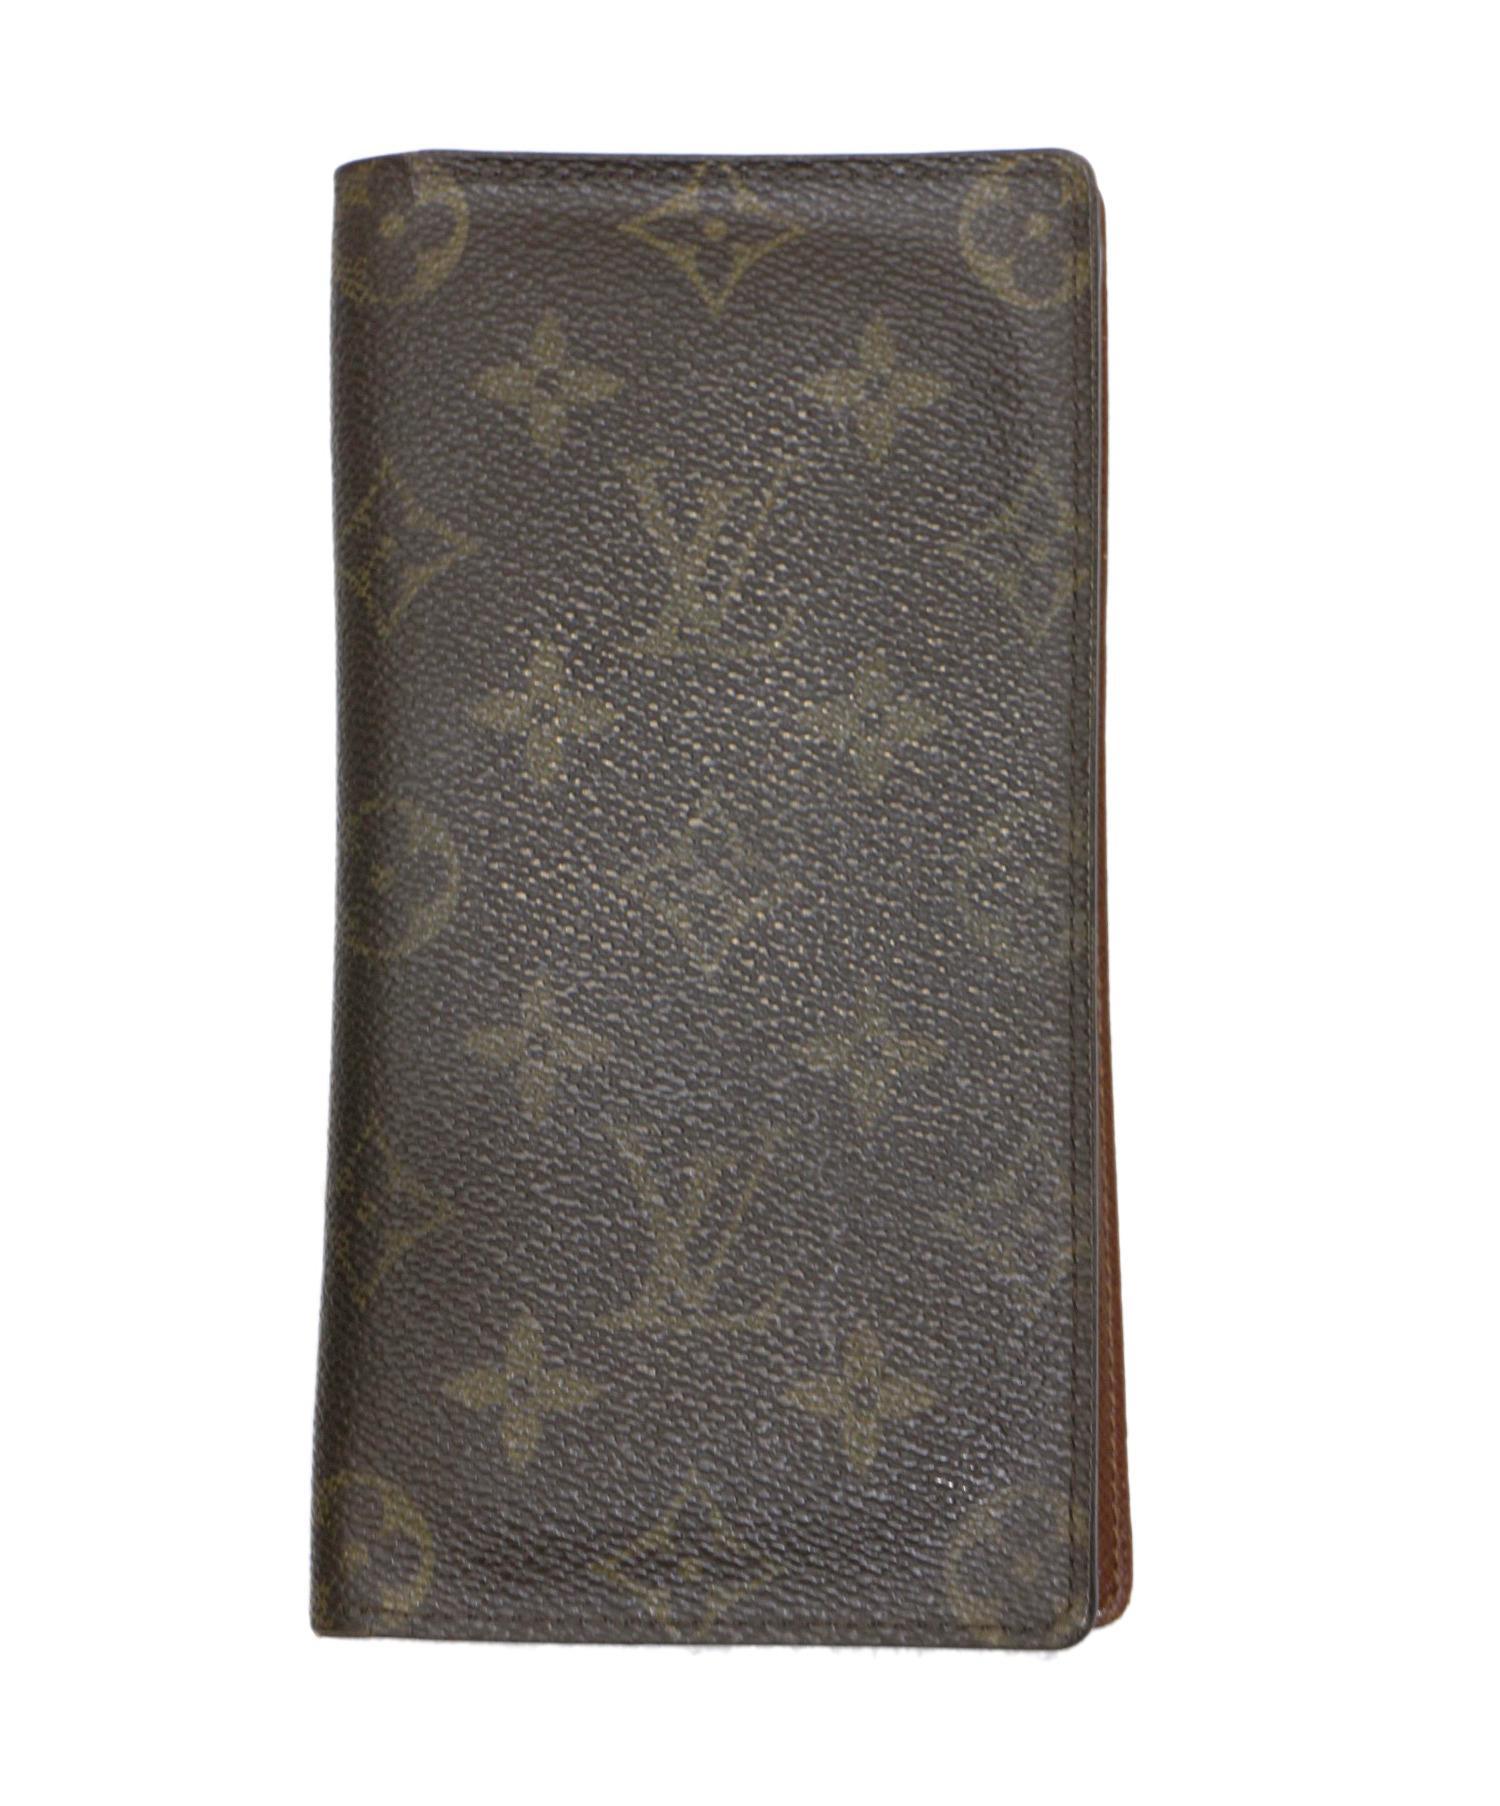 cheaper b8633 81827 [中古]LOUIS VUITTON(ルイヴィトン)のメンズ 服飾小物 札入れ